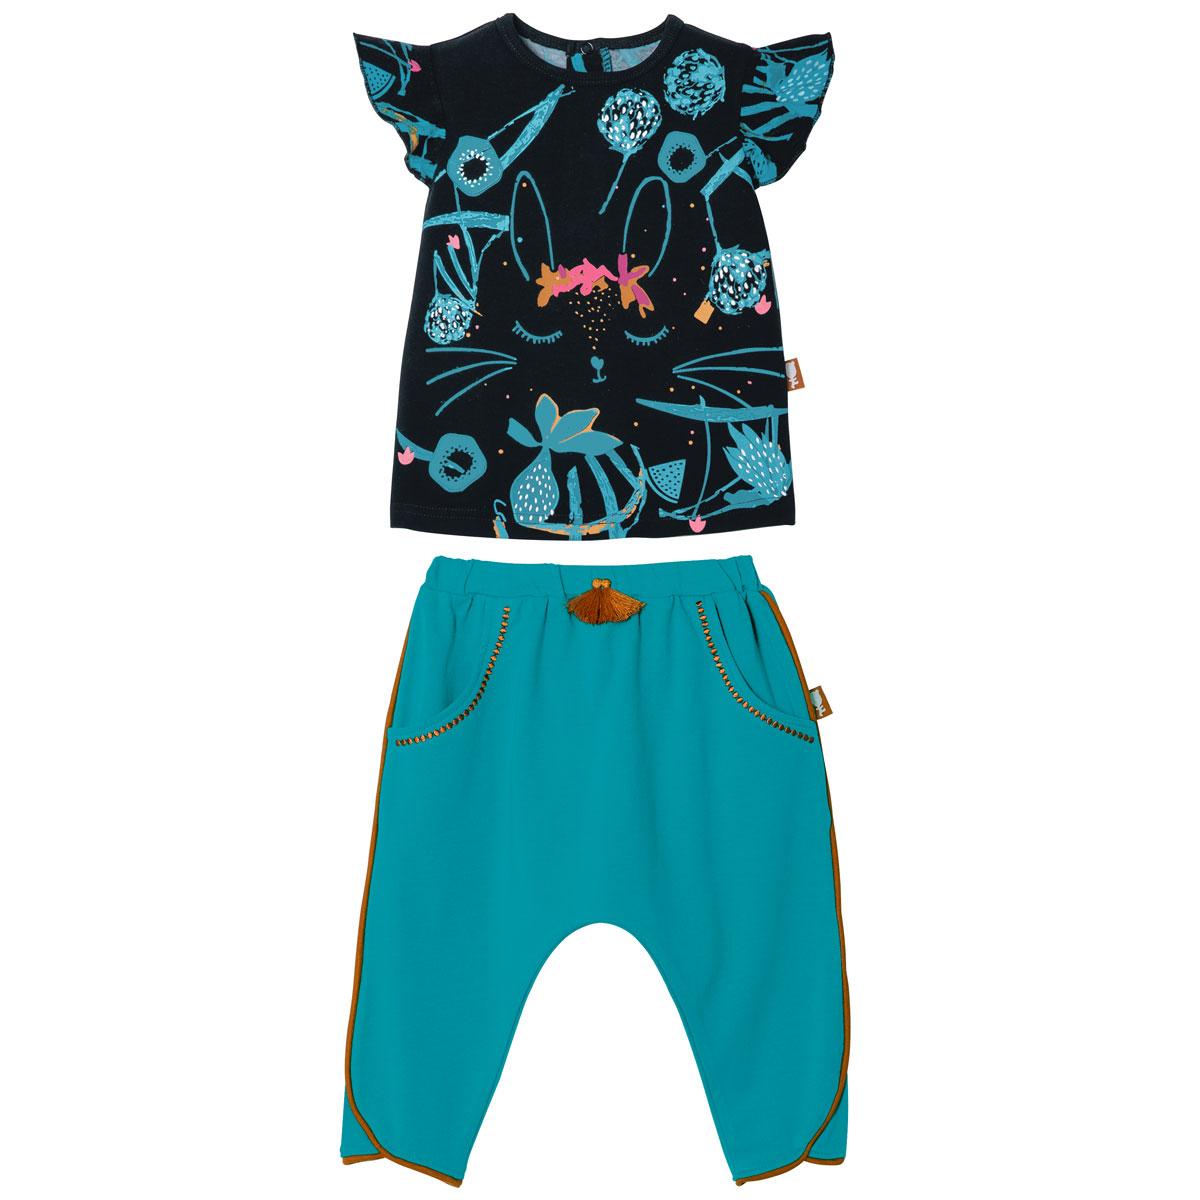 Ensemble bébé fille t-shirt manches courtes + pantalon Bombay